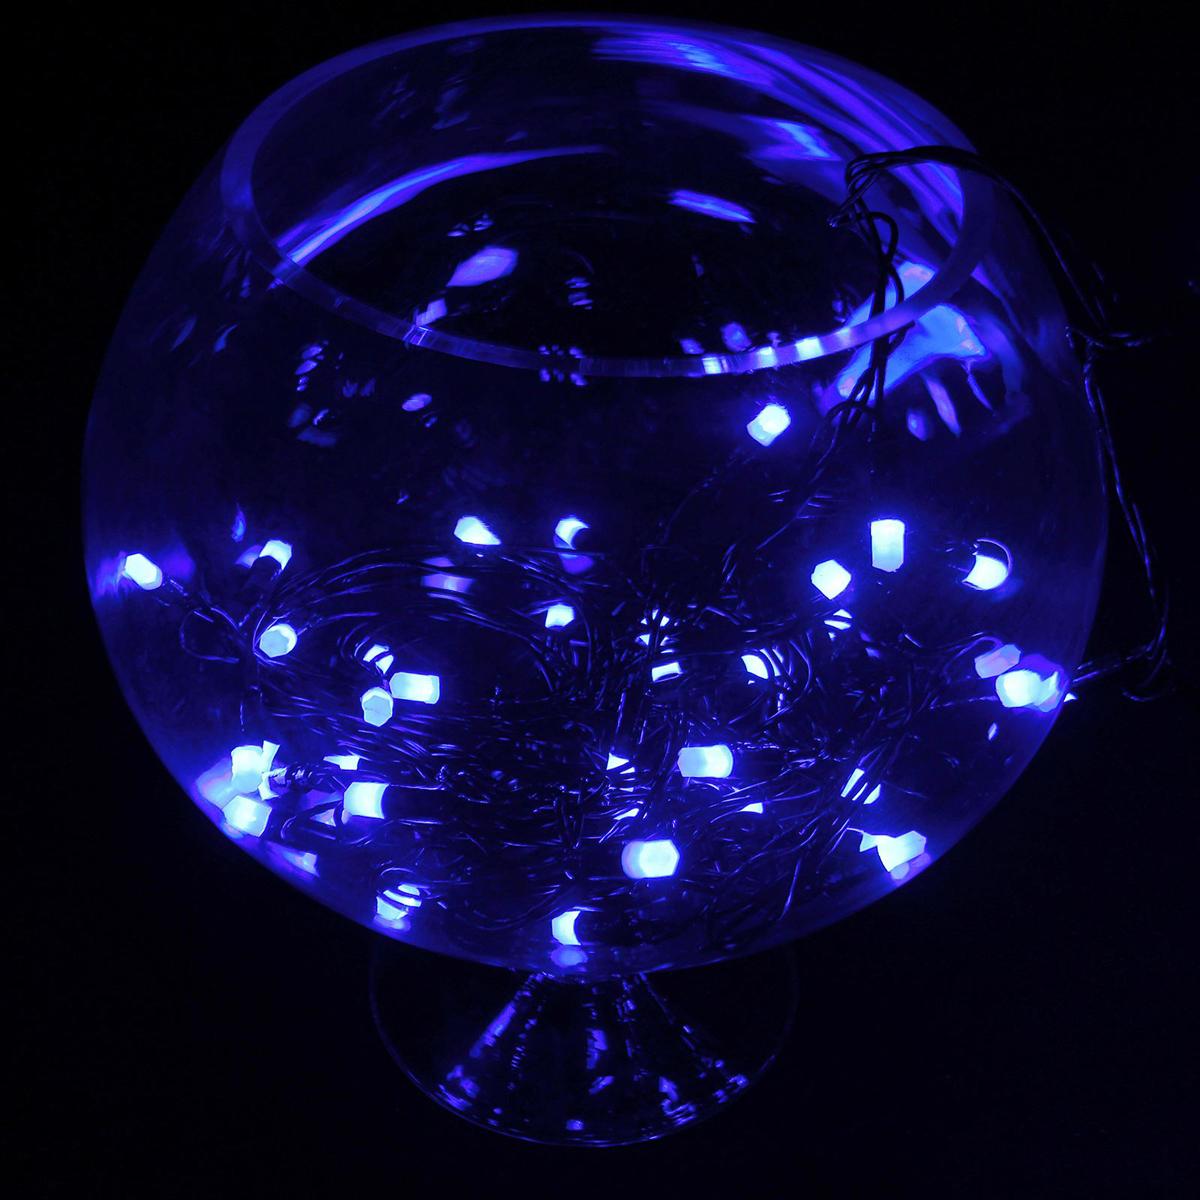 Гирлянда светодиодная Luazon Метраж. Кристаллы, уличная с насадкой, 8 режимов, 40 ламп, 220 V, 5 м, цвет: синий. 185519185519Светодиодные гирлянды, ленты и т.д. — это отличный вариант для новогоднего оформления интерьера или фасада. С их помощью помещение любого размера можно превратить в праздничный зал, а внешние элементы зданий, украшенные ими, мгновенно станут напоминать очертания сказочного дворца. Такие украшения создают ауру предвкушения чуда. Деревья, фасады, витрины, окна и арки будто специально созданы, чтобы вы украсили их светящимися нитями.